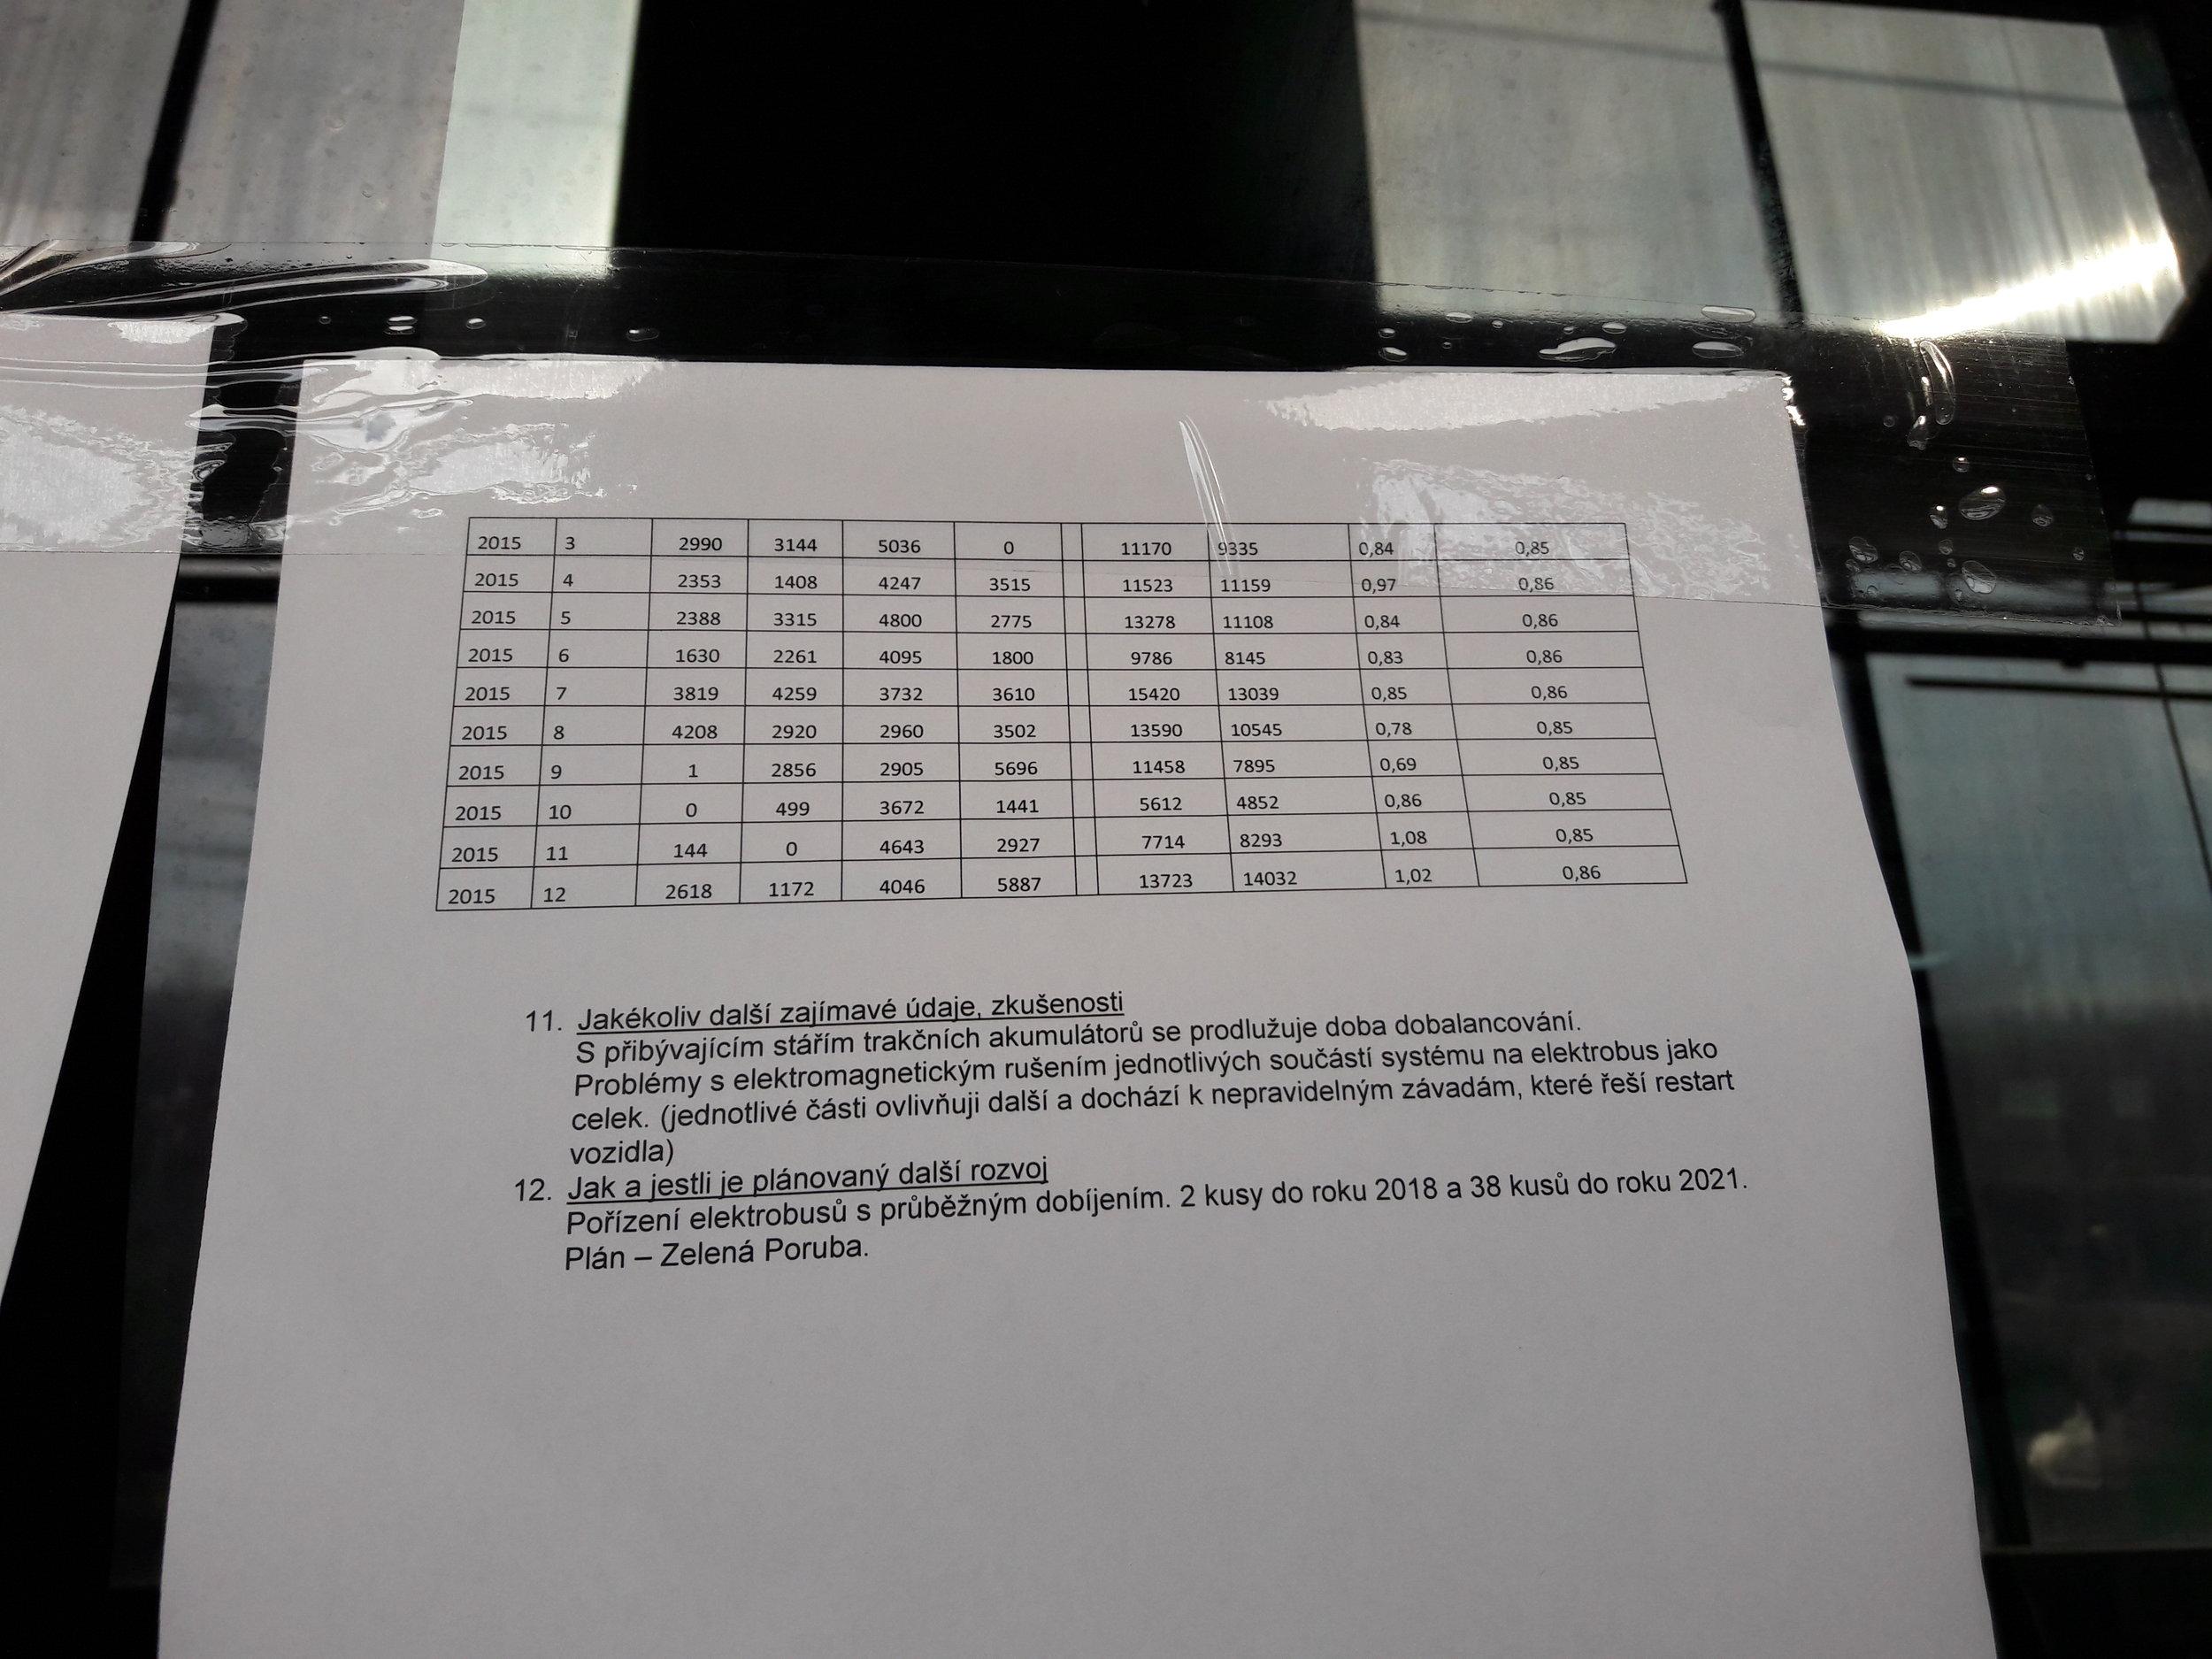 Samotný DPO připouští, že dosavadní zkušenosti s elektrobusy nejsou zcela pozitivní. (foto: -vh-)